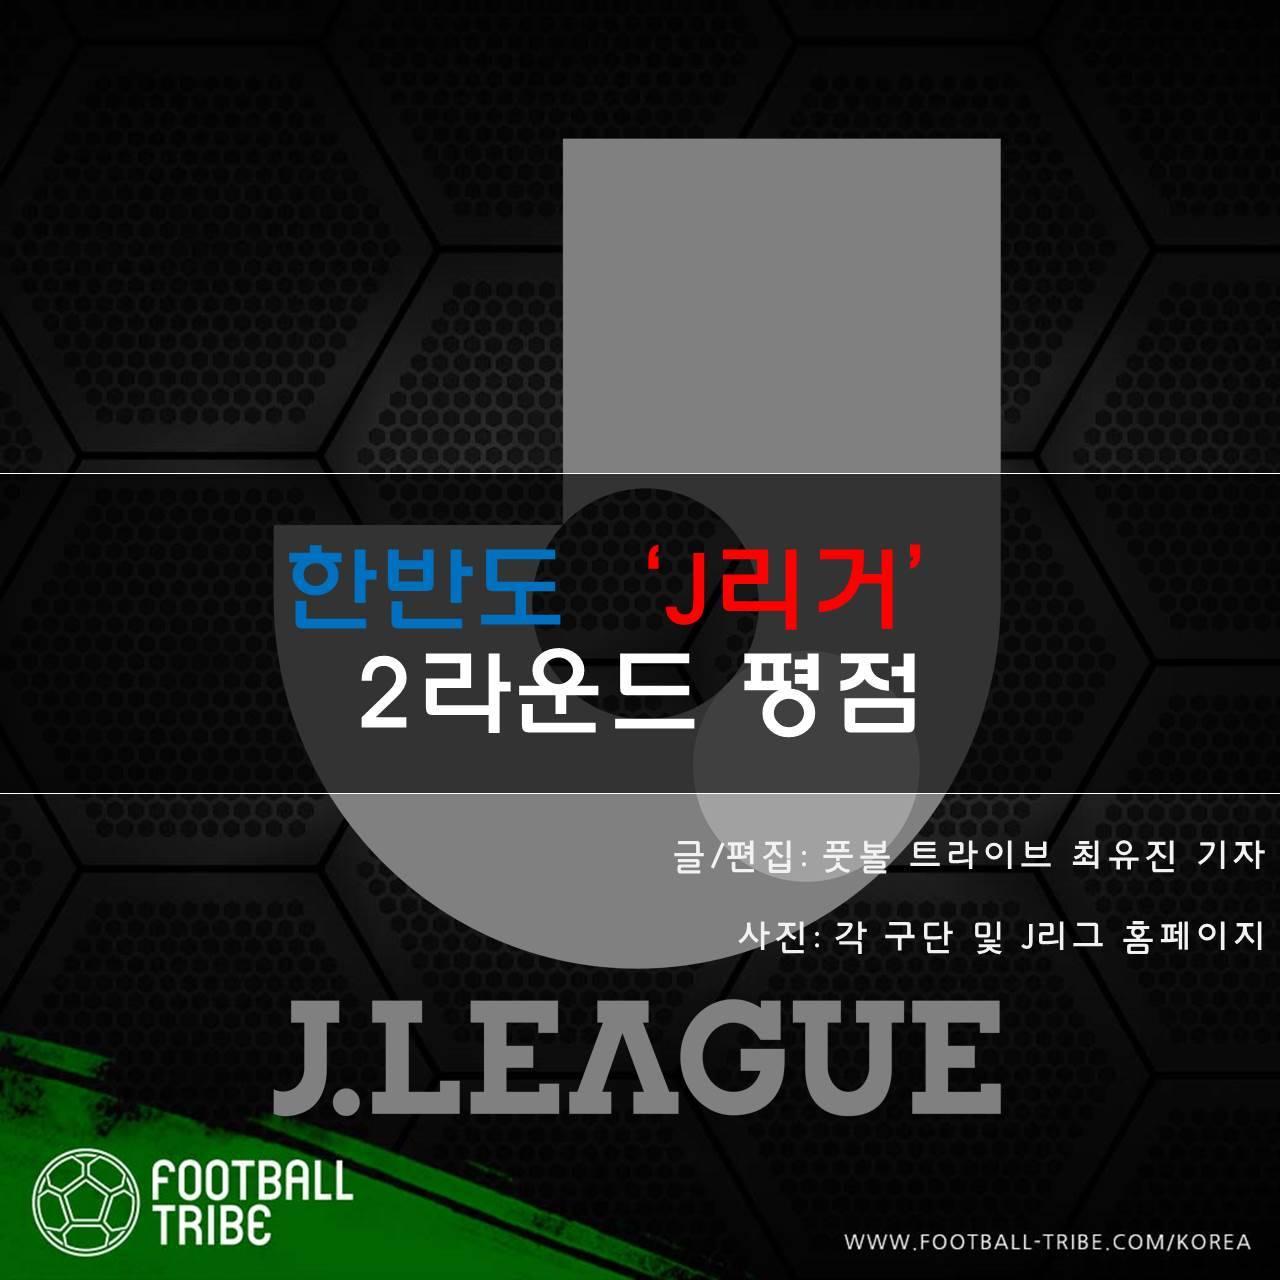 [카드 뉴스] 한반도 'J리거' 2라운드 평점